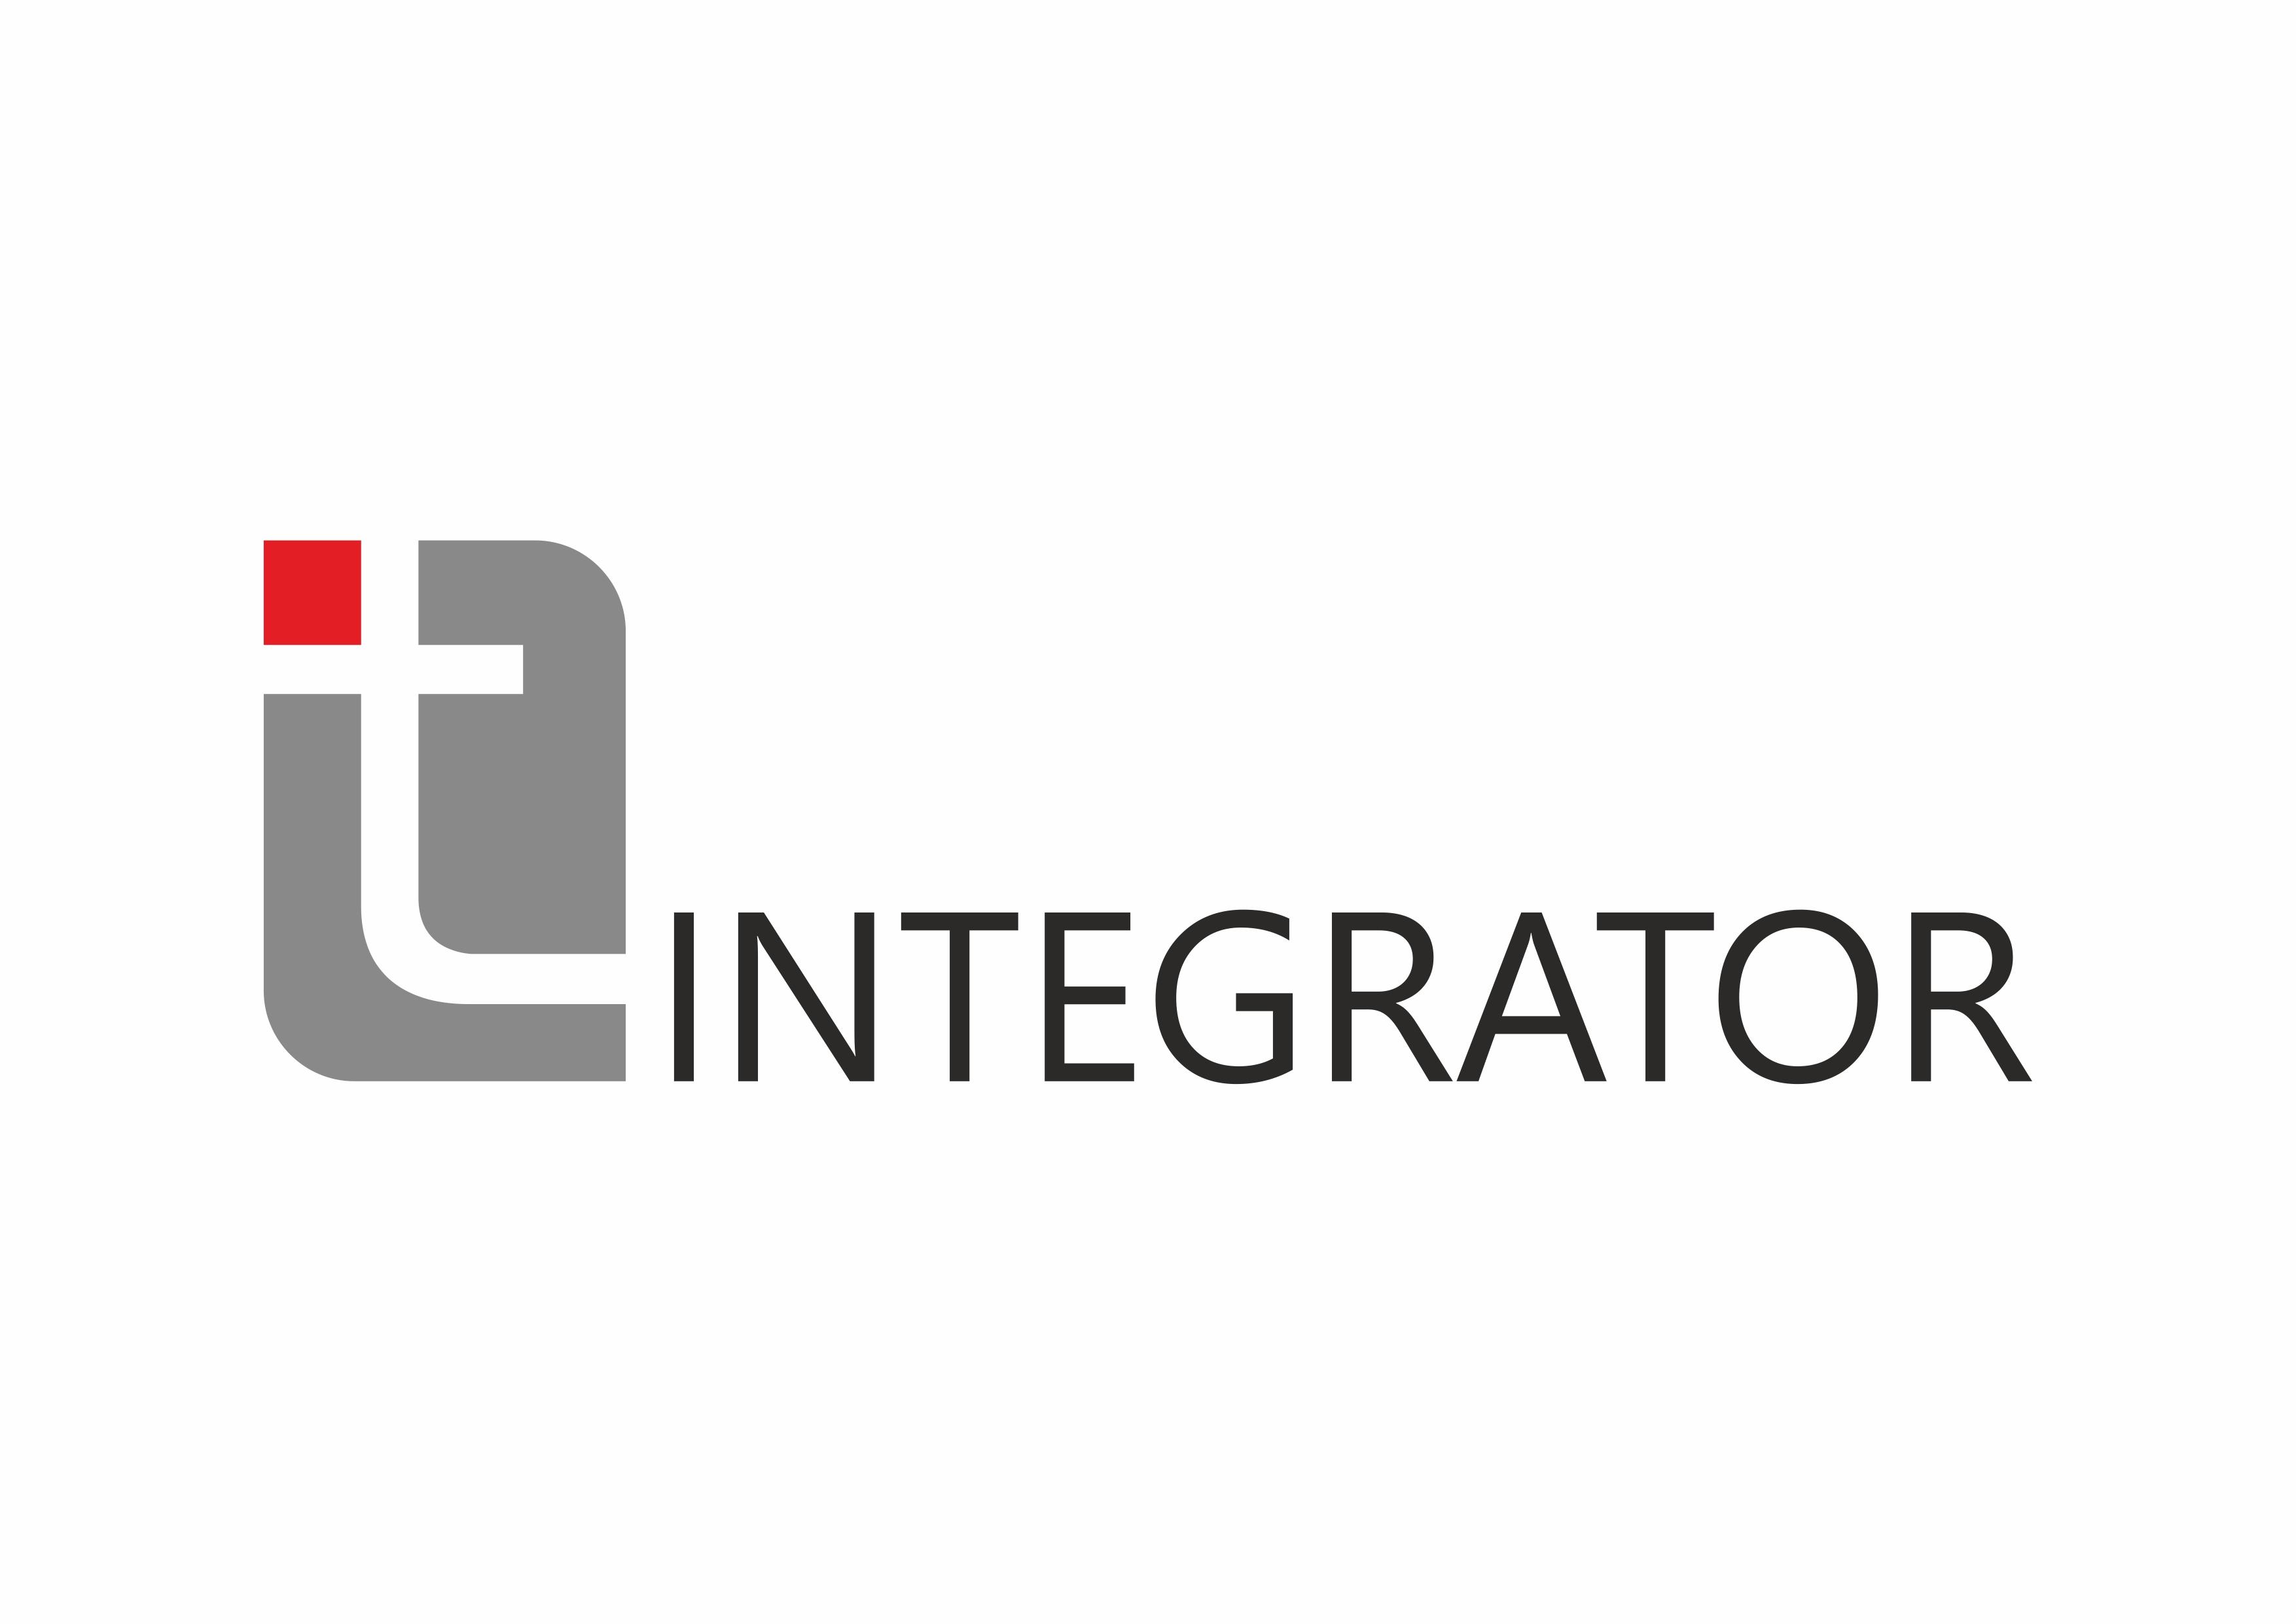 Логотип для IT интегратора фото f_566614c178982004.jpg